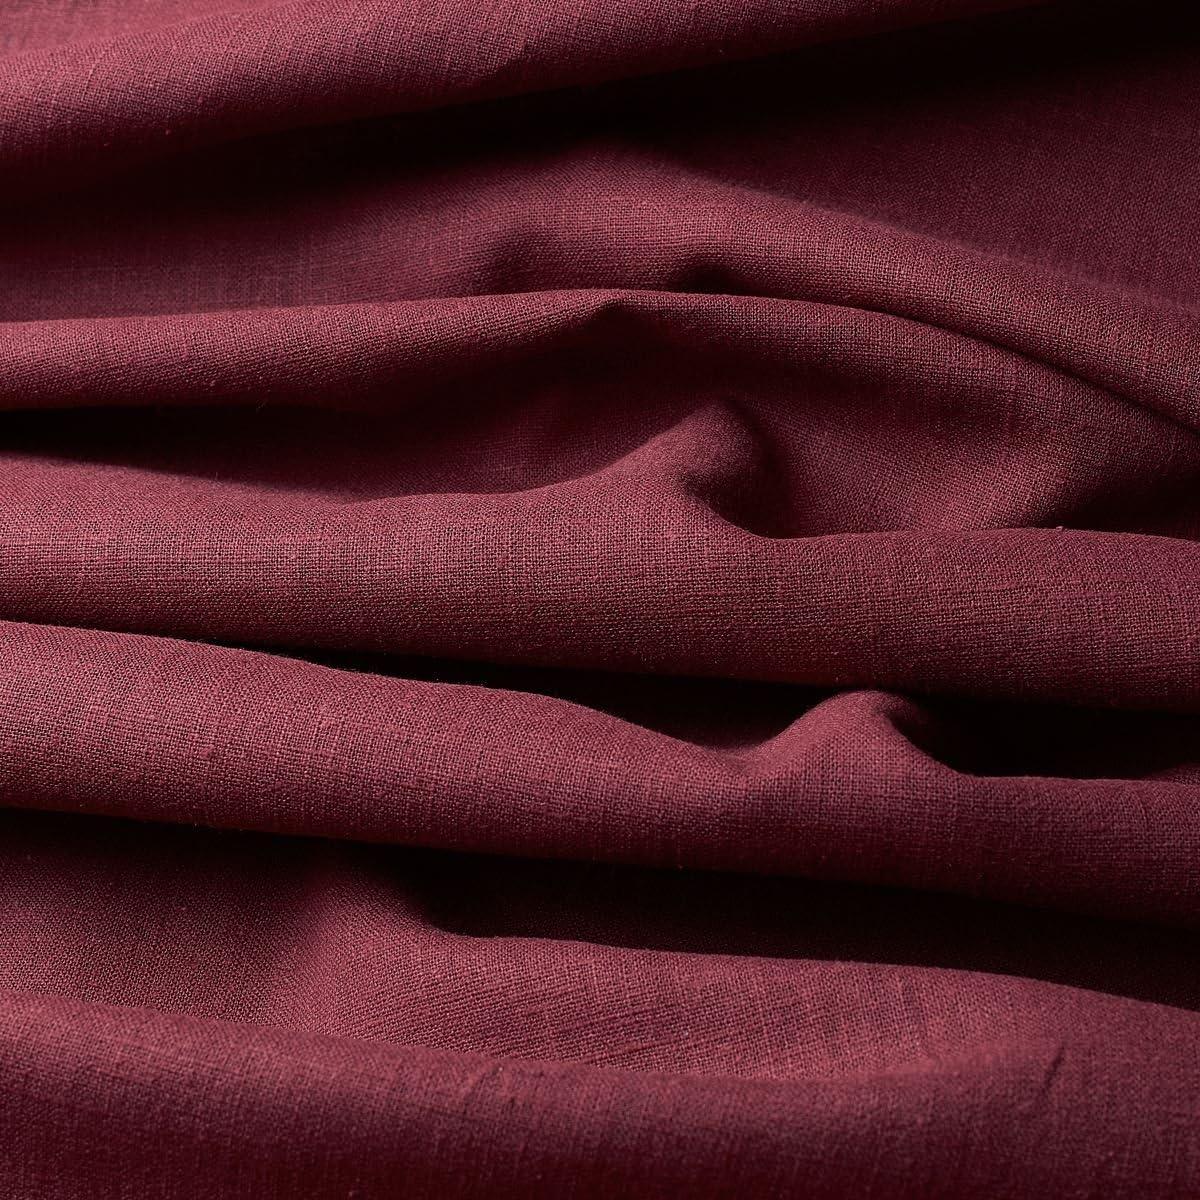 Tela de lino natural - 100% lino puro - Gran textura de lino - 20 colores - Por metro (Borgoña)